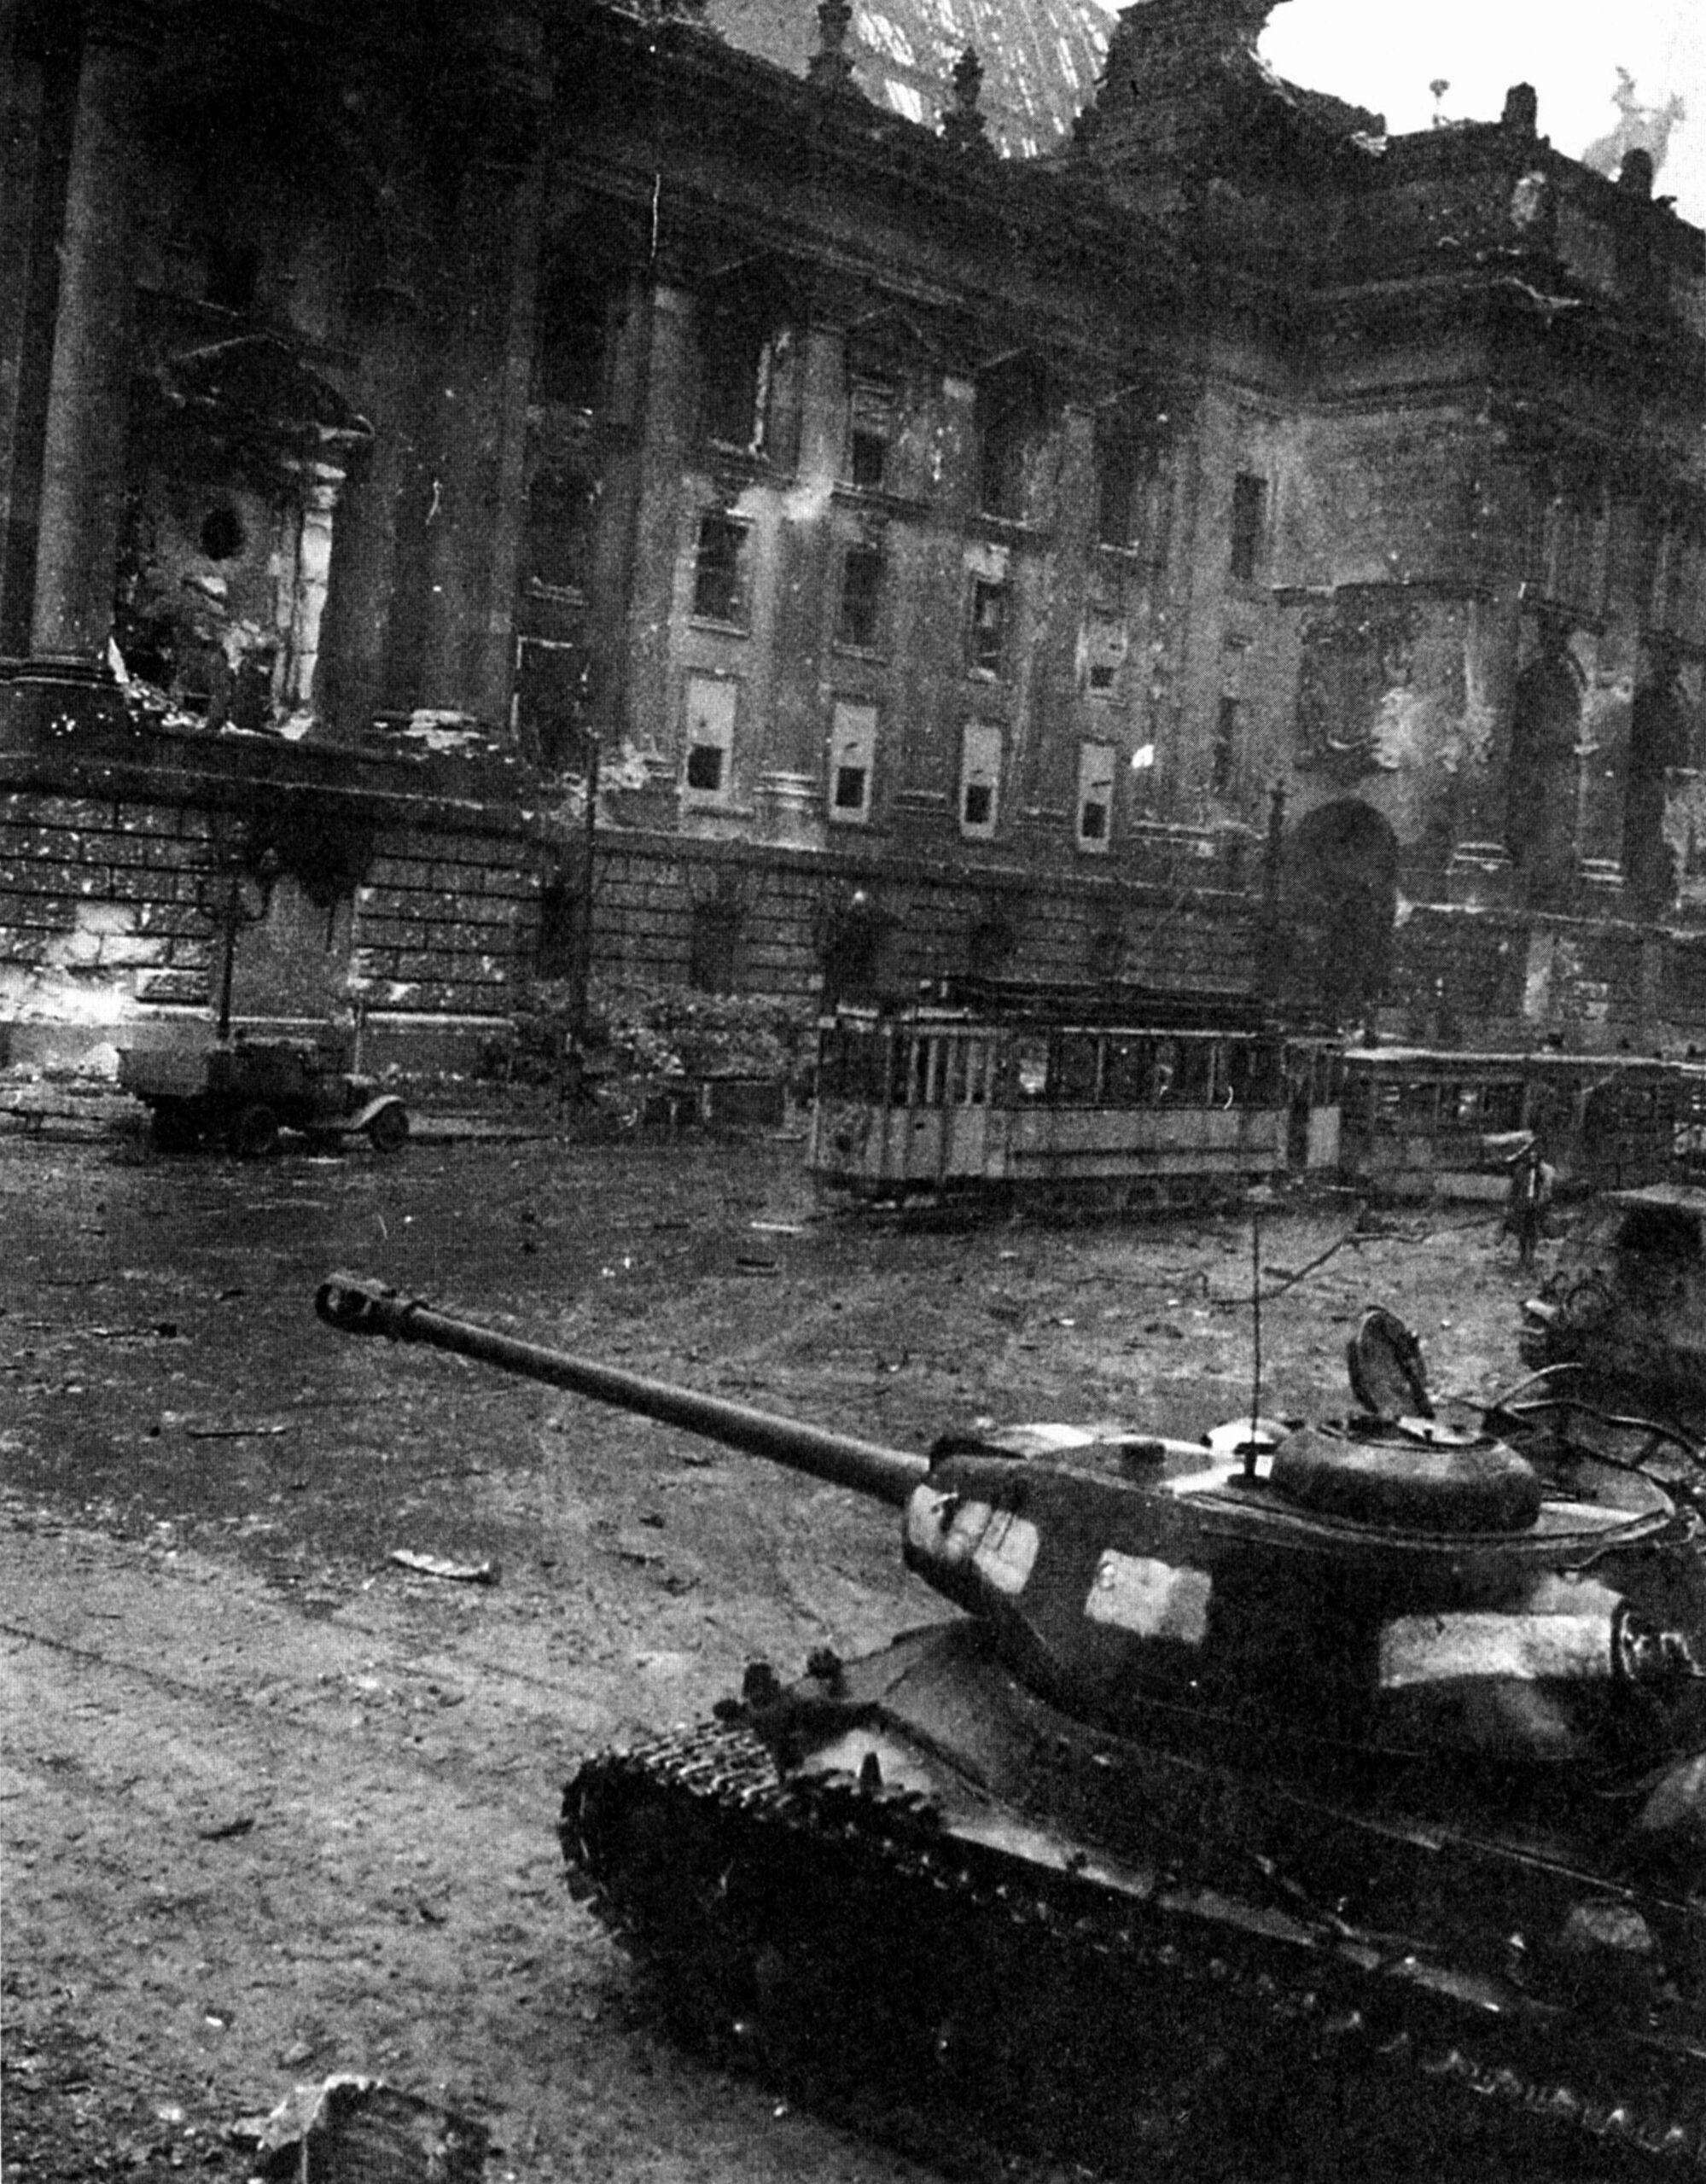 берлин военные фото видео